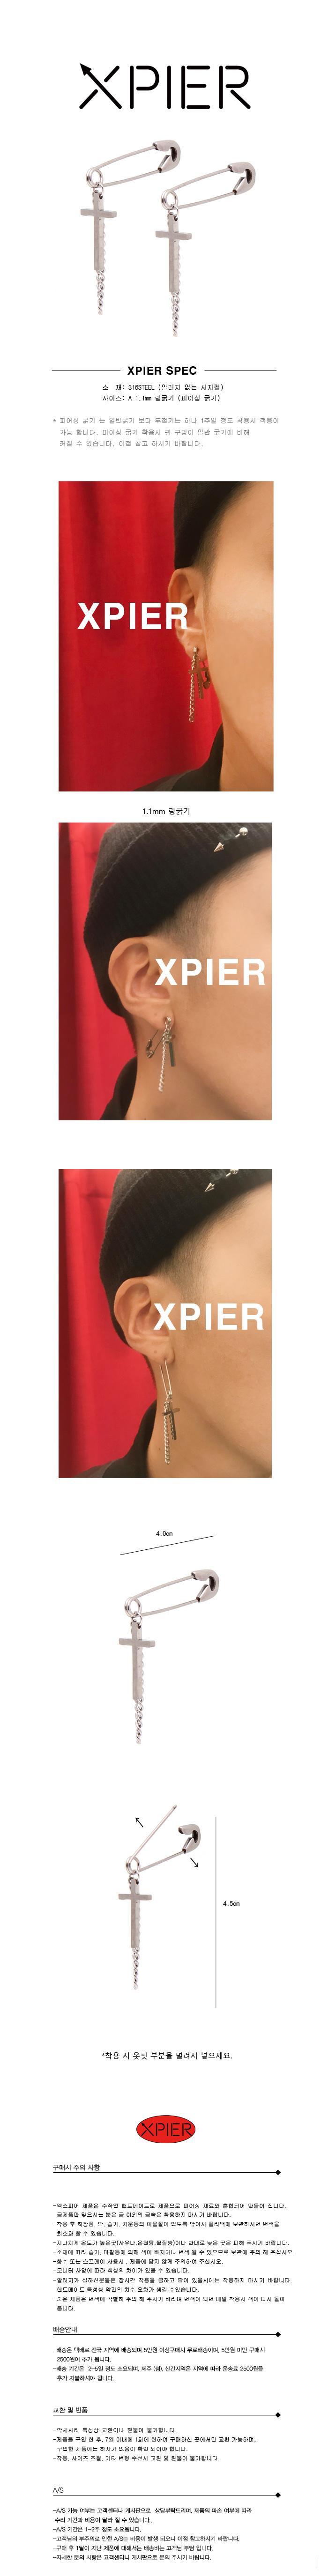 엑스피어(XPIER) 엑스피어 옷핀십자가 귀걸이 4.0 무알러지